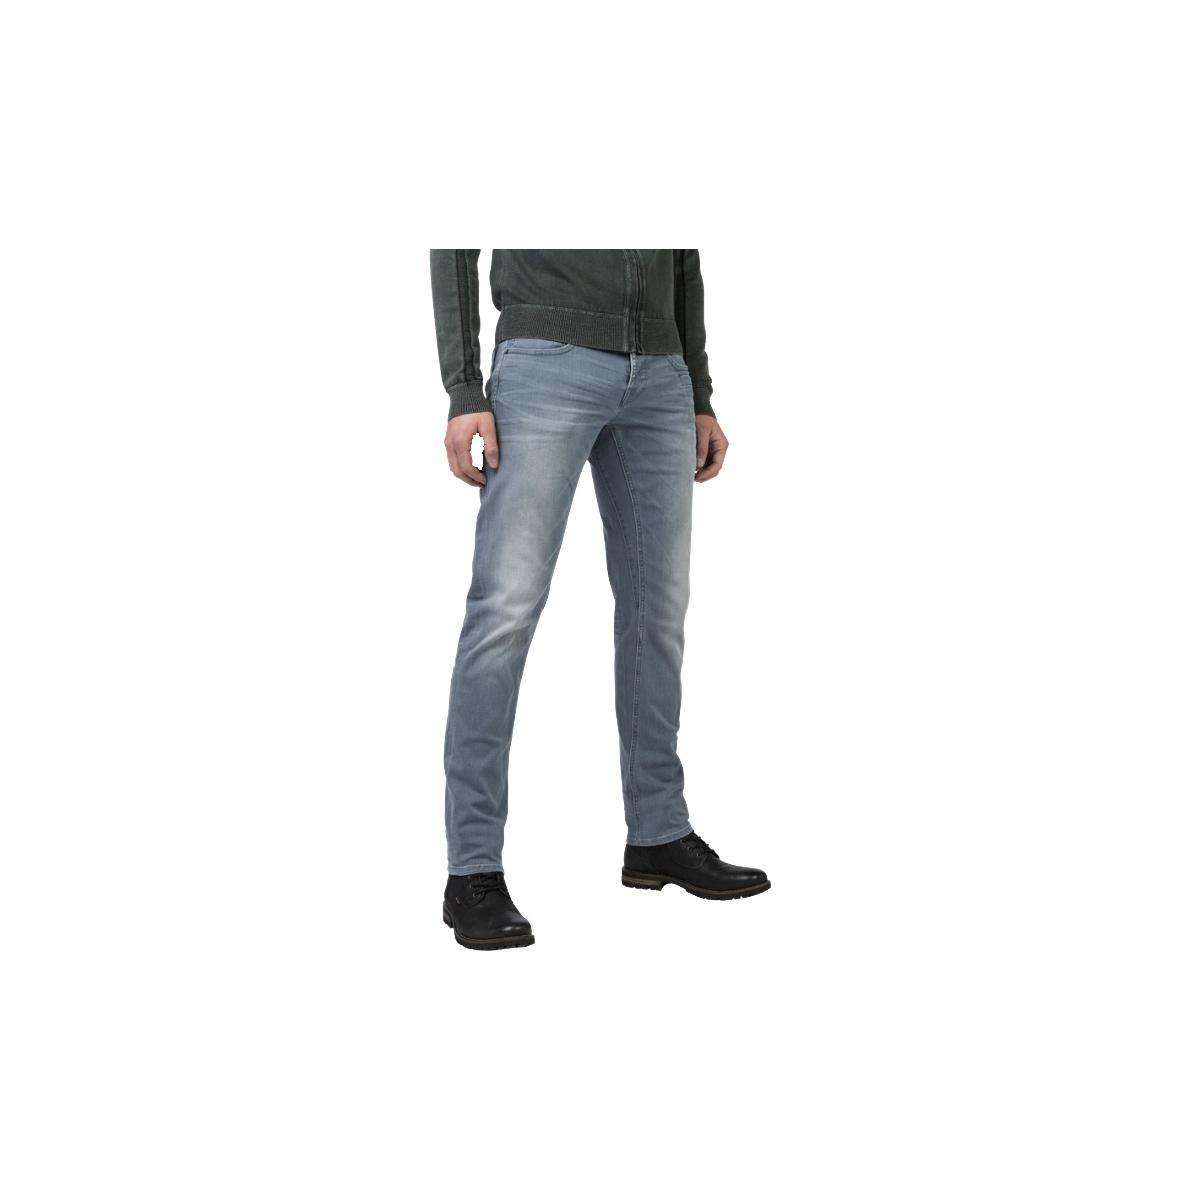 commander 2 ptr985 pme legend jeans skg